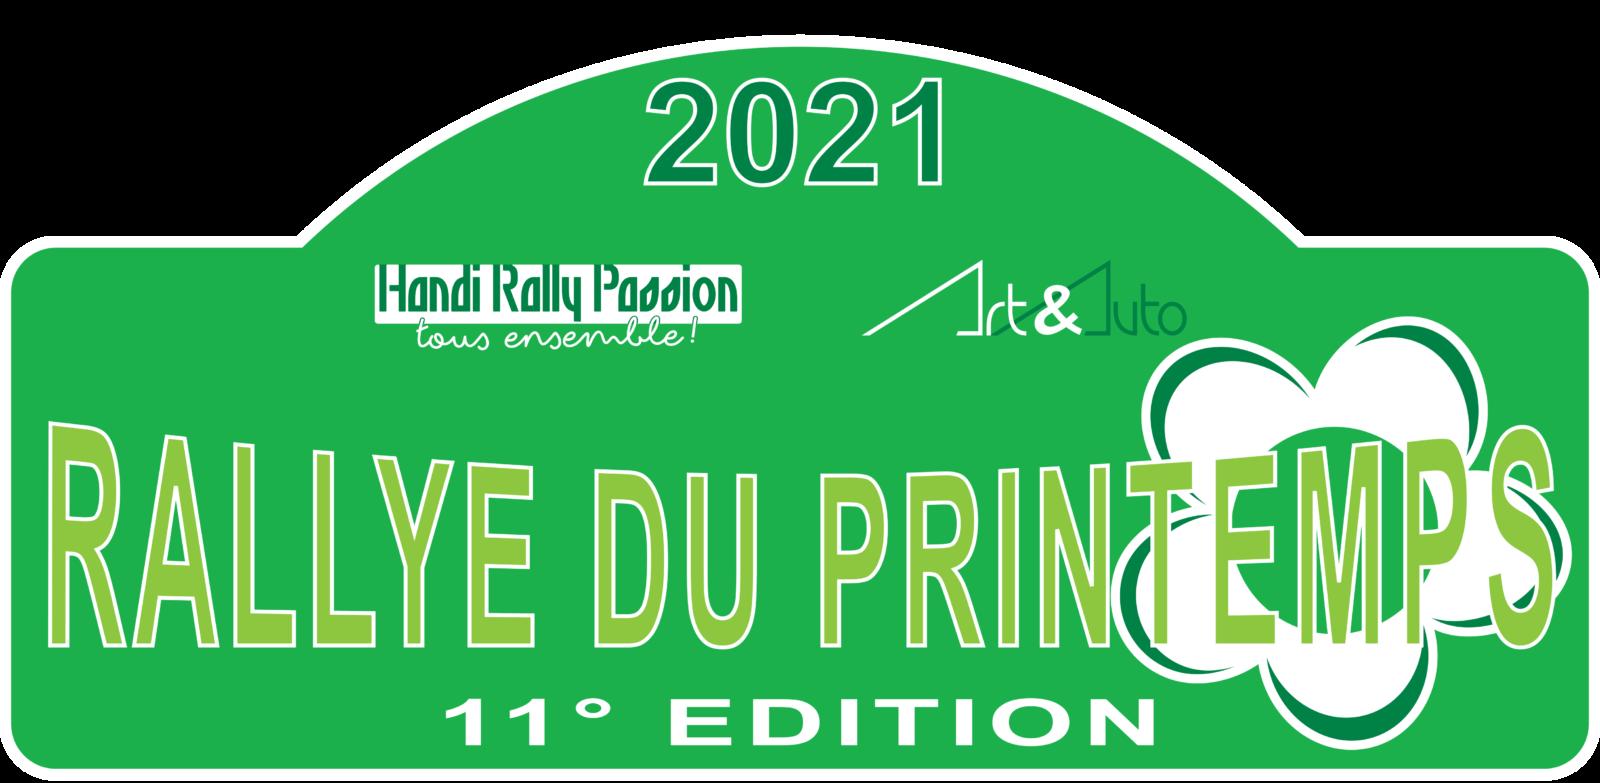 Rallye du Printemps _03 juillet 2021 Logo